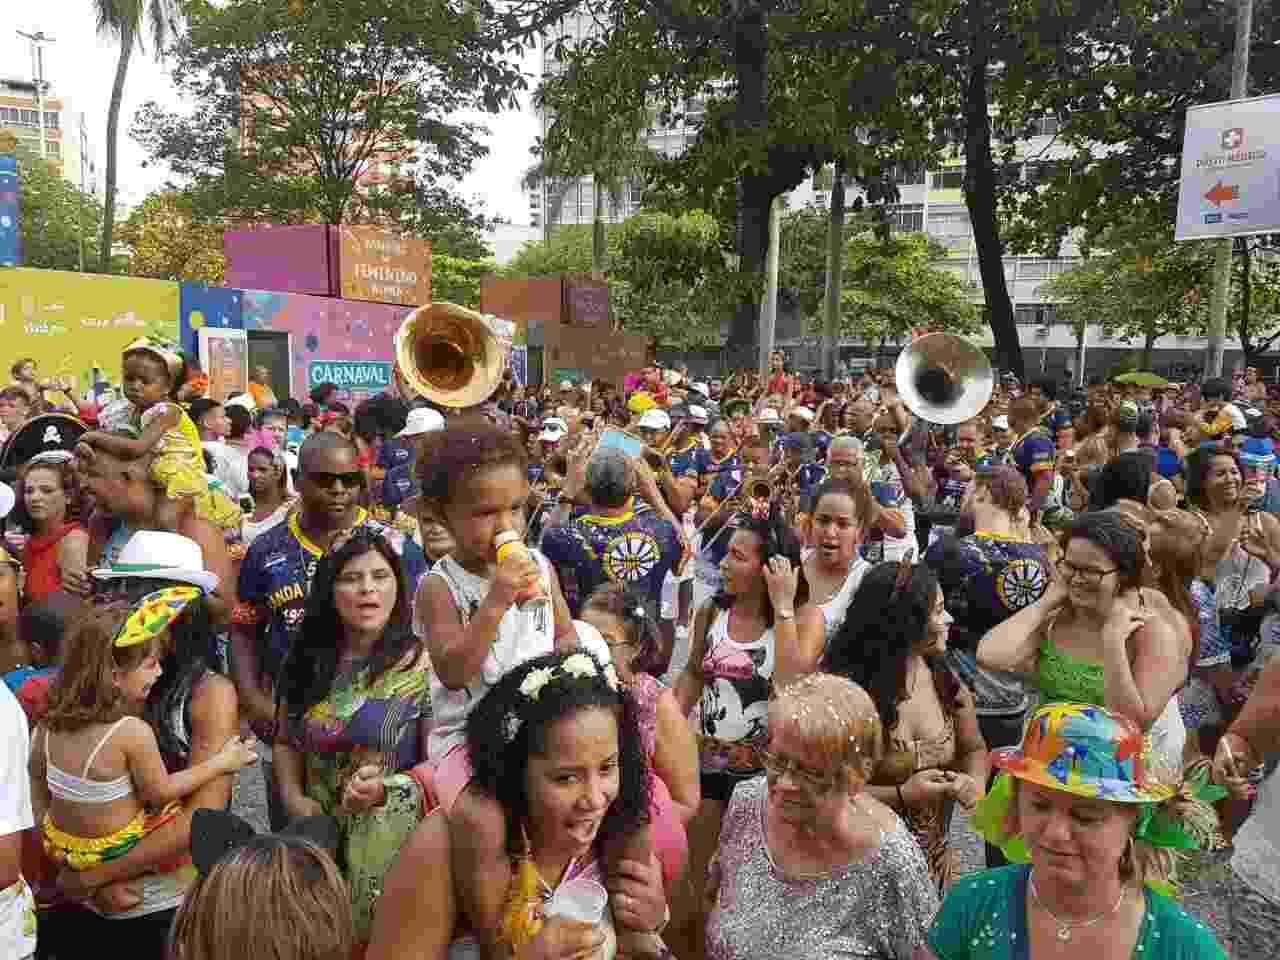 Banda de Ipanema infantil desfilou nesta segunda-feira pelas ruas do Rio de Janeiro - Divulgação